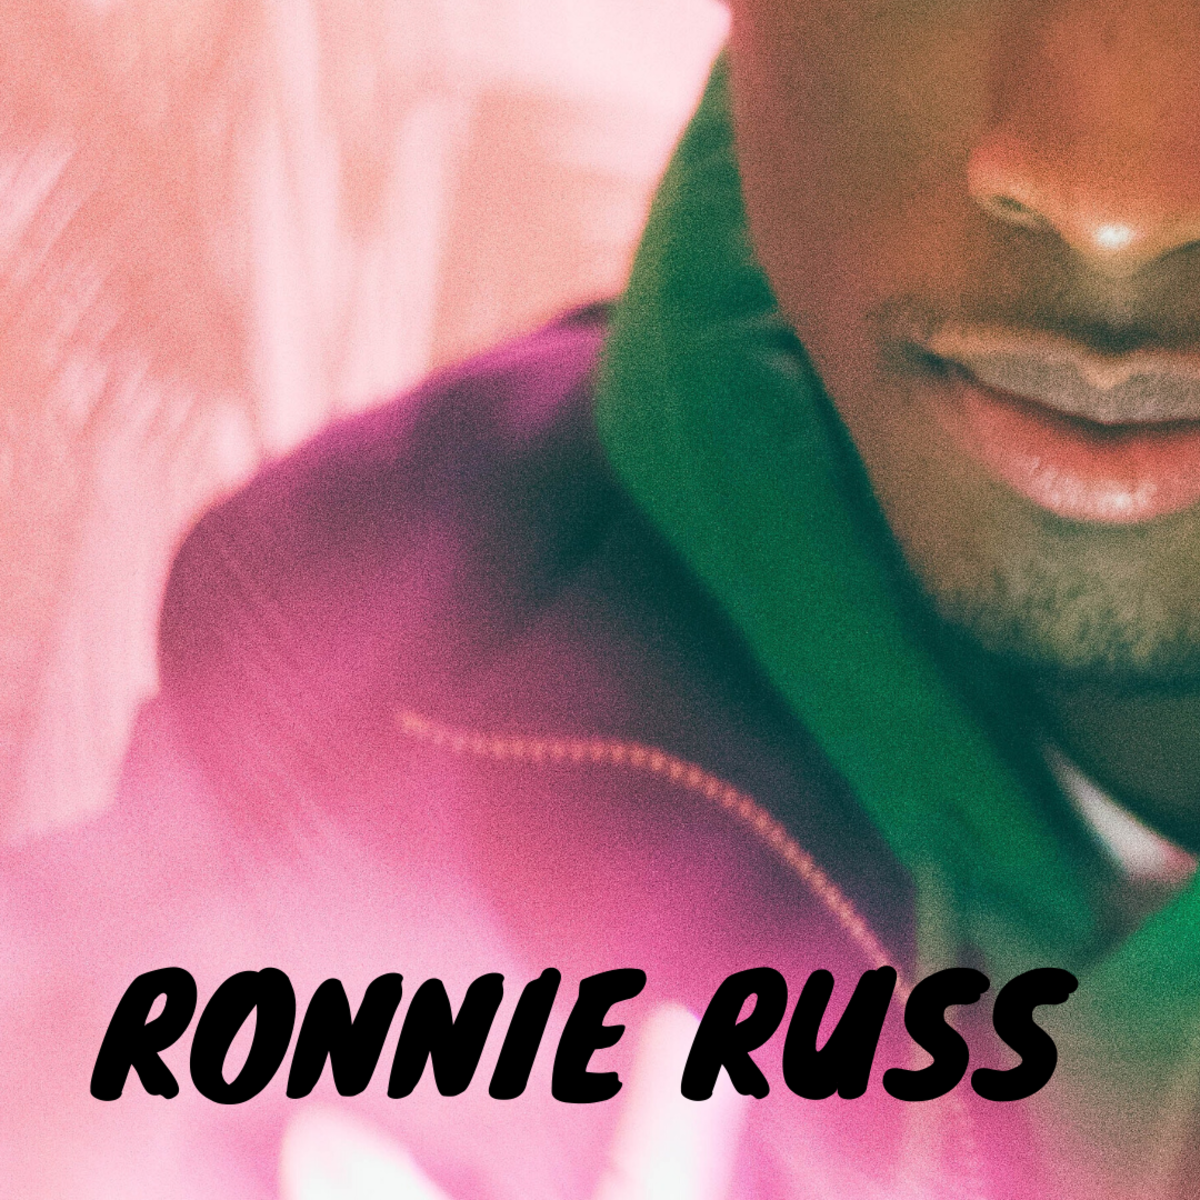 Ronnie Russ